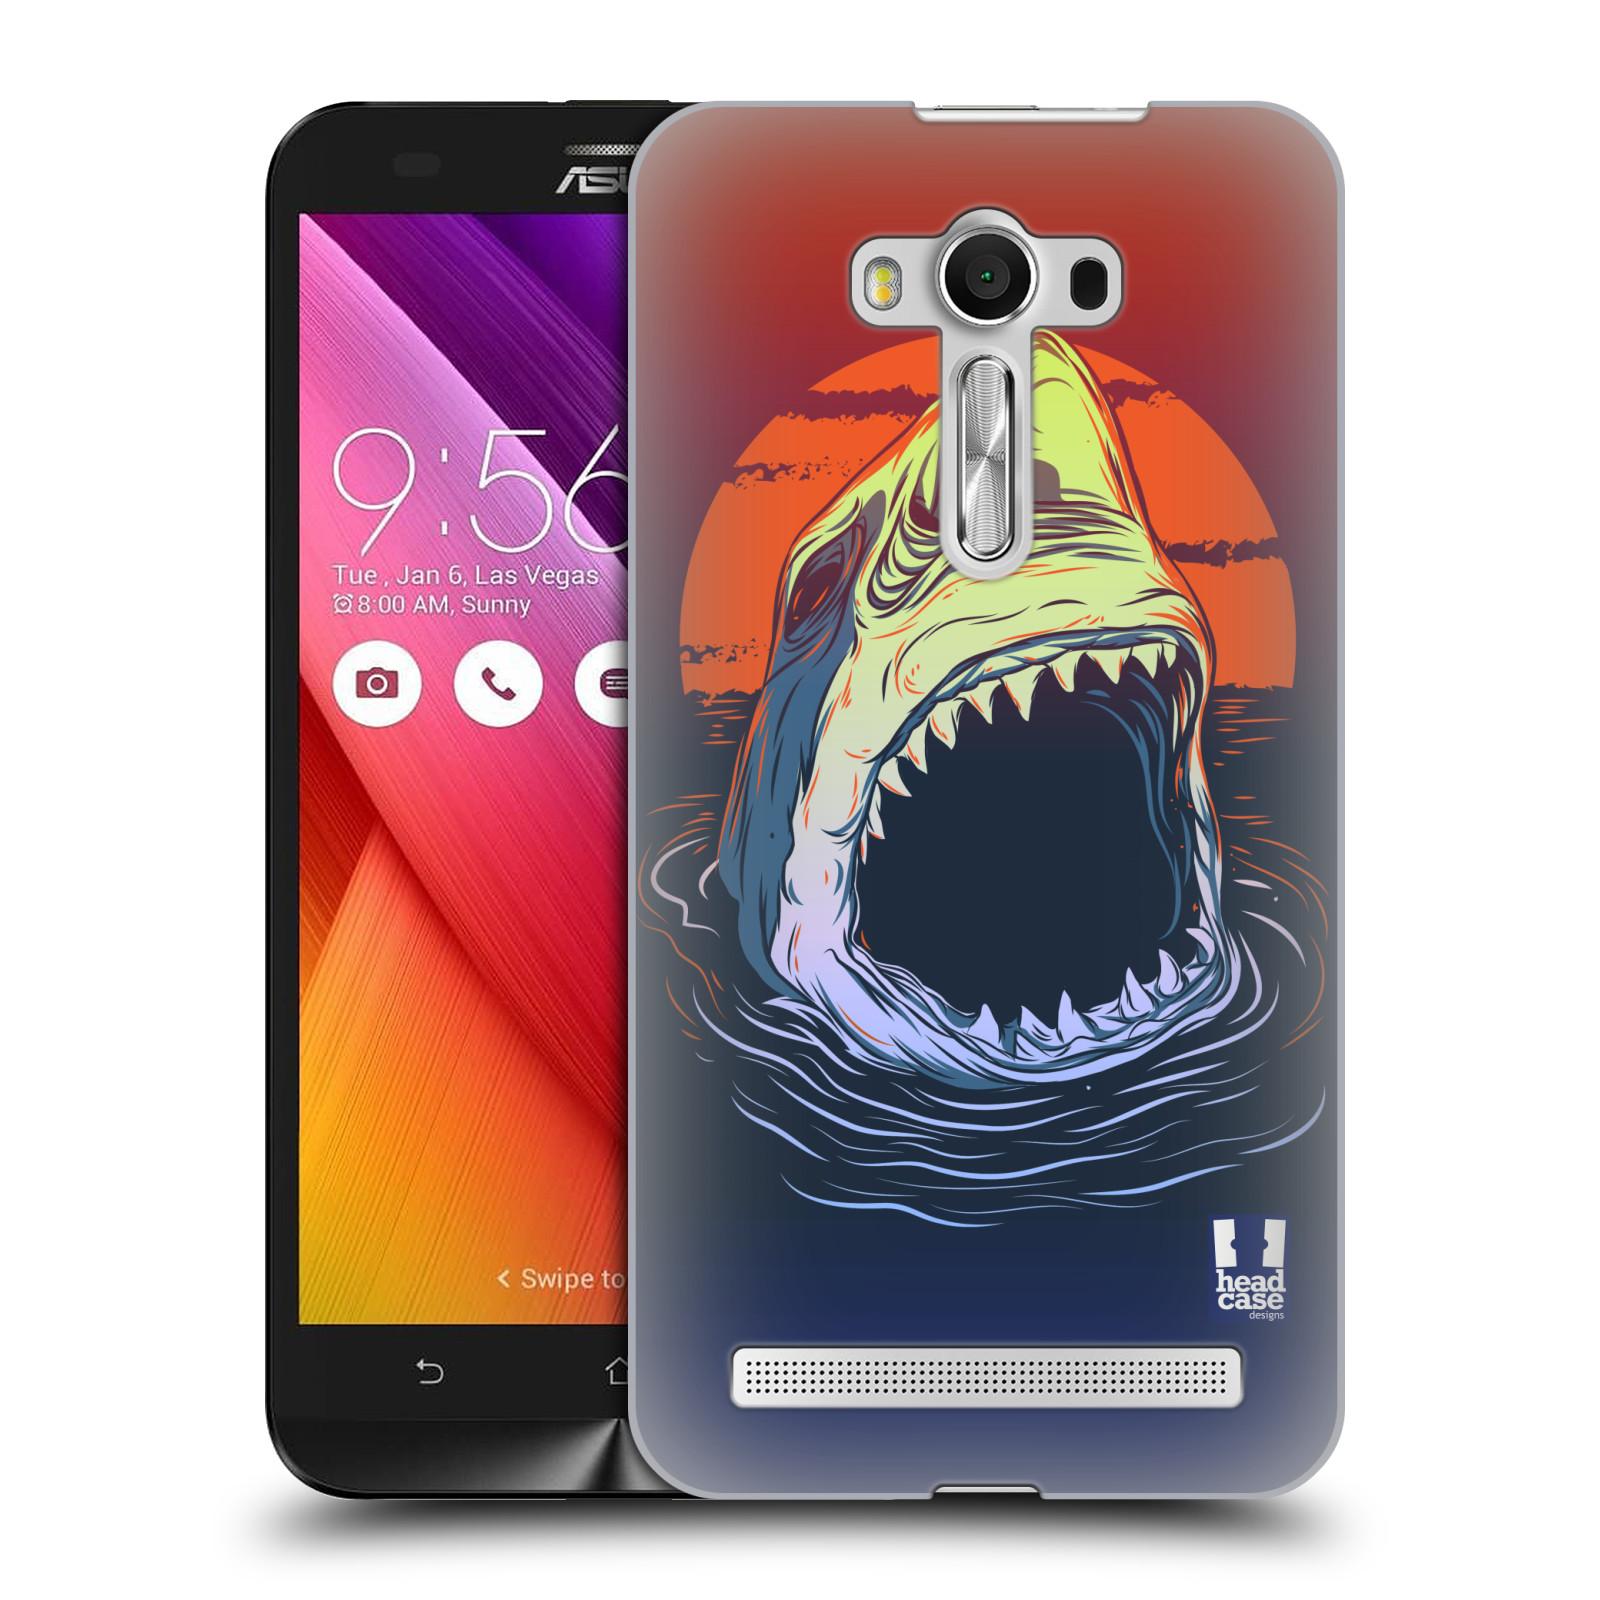 HEAD CASE plastový obal na mobil Asus Zenfone 2 LASER (5,5 displej ZE550KL) vzor mořská monstra žralok